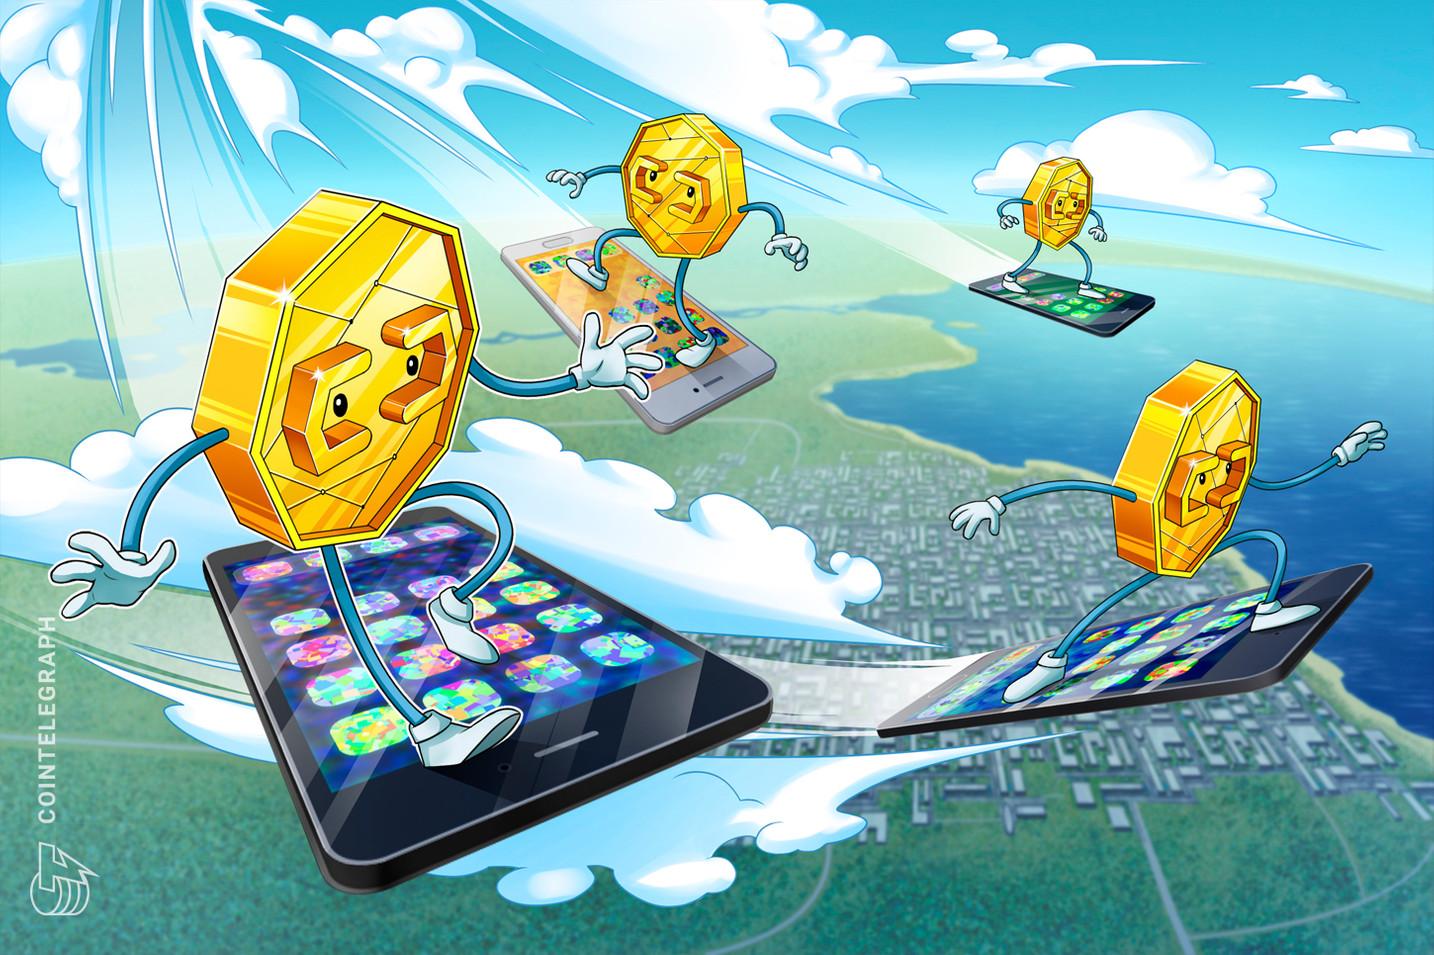 FinCEN's nieuwe digitale valuta-adviseur zegt dat crypto's 'gewoon een ander betaalmiddel' zijn